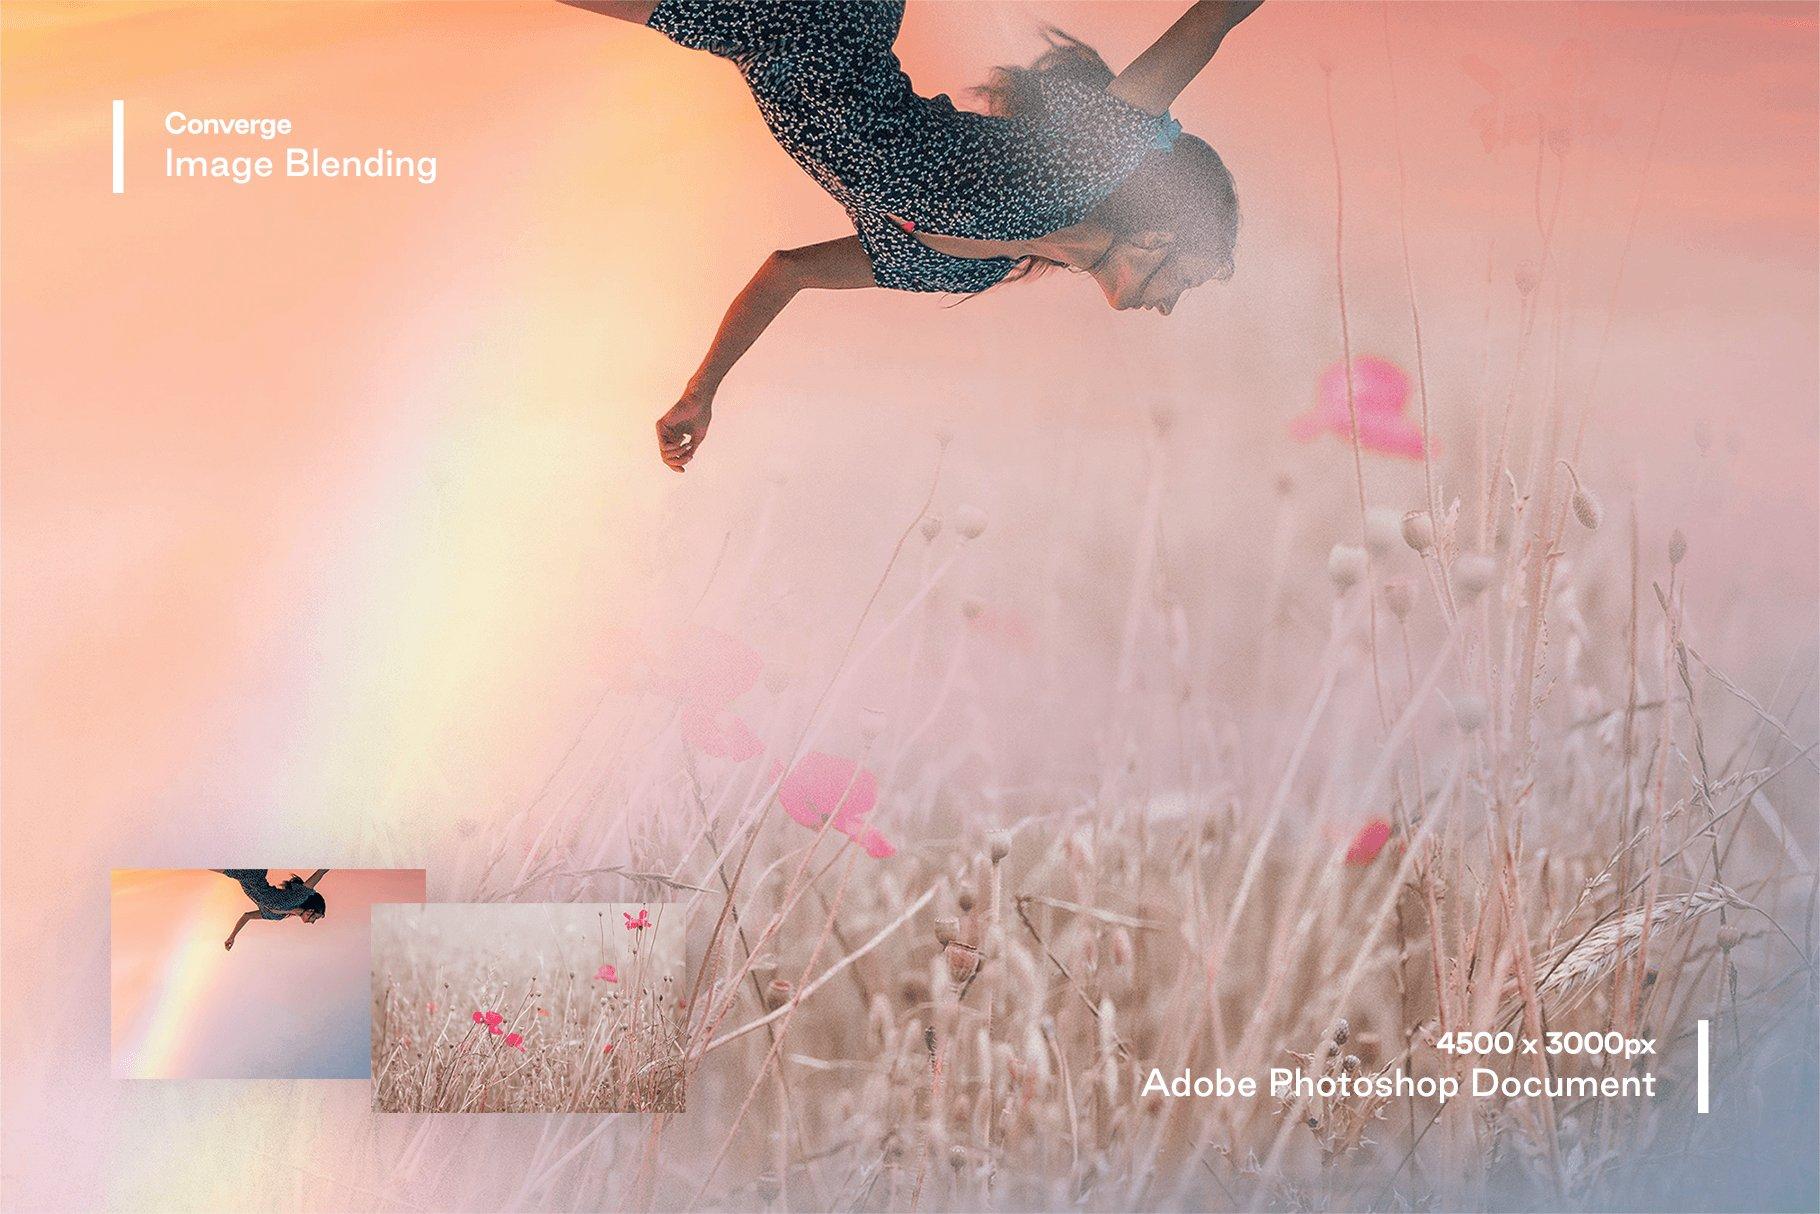 [淘宝购买] 多种曝光融合烟雾混合效果照片处理PS图层样式 Converge – Image Blending插图(1)